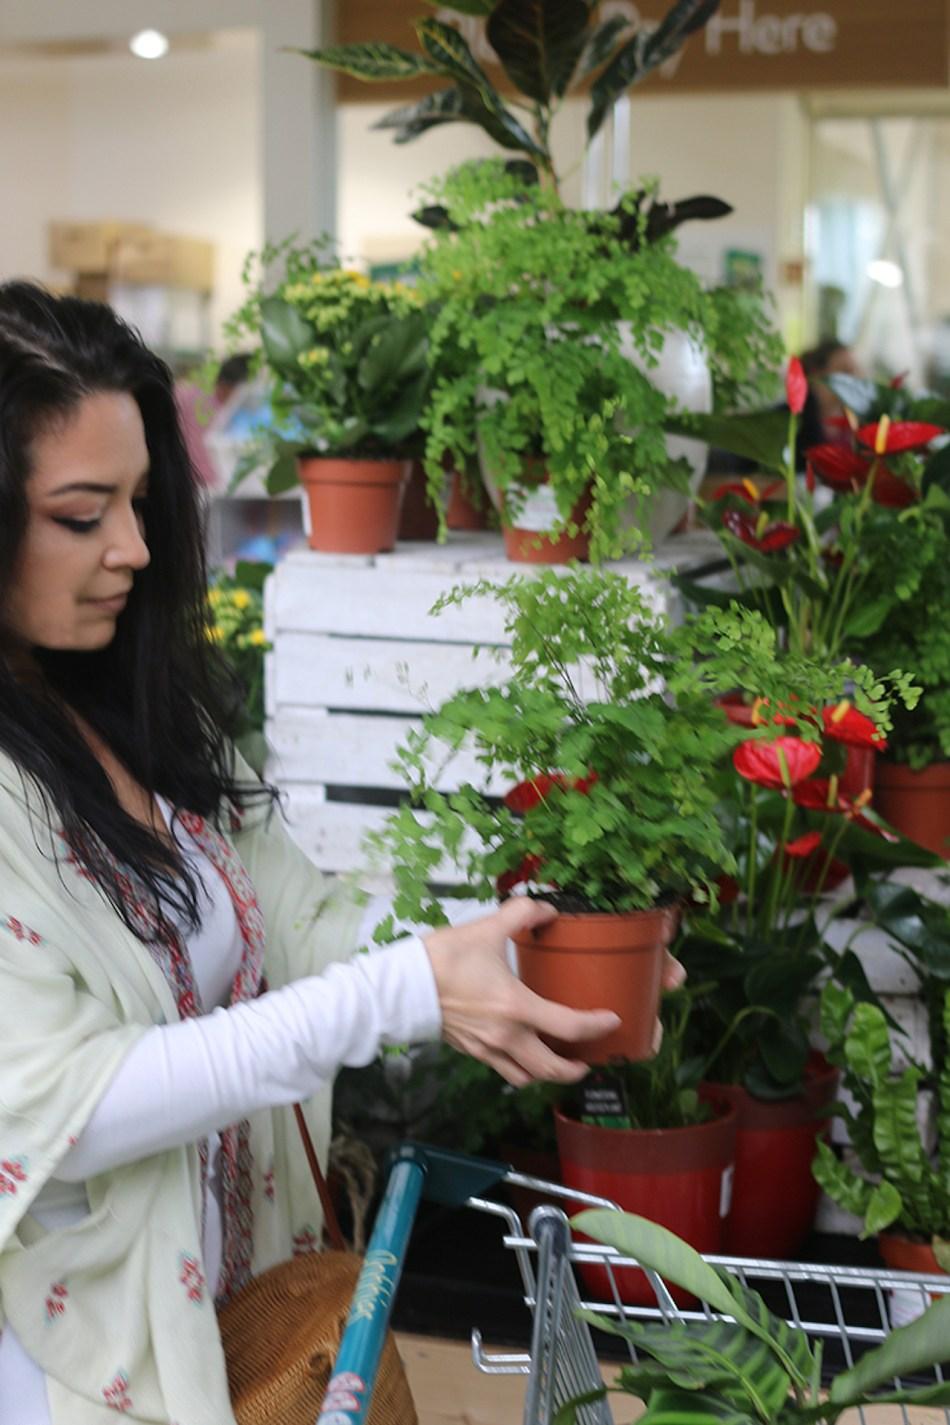 Femme qui se choisit une plante d'intérieur dans une pépinière.